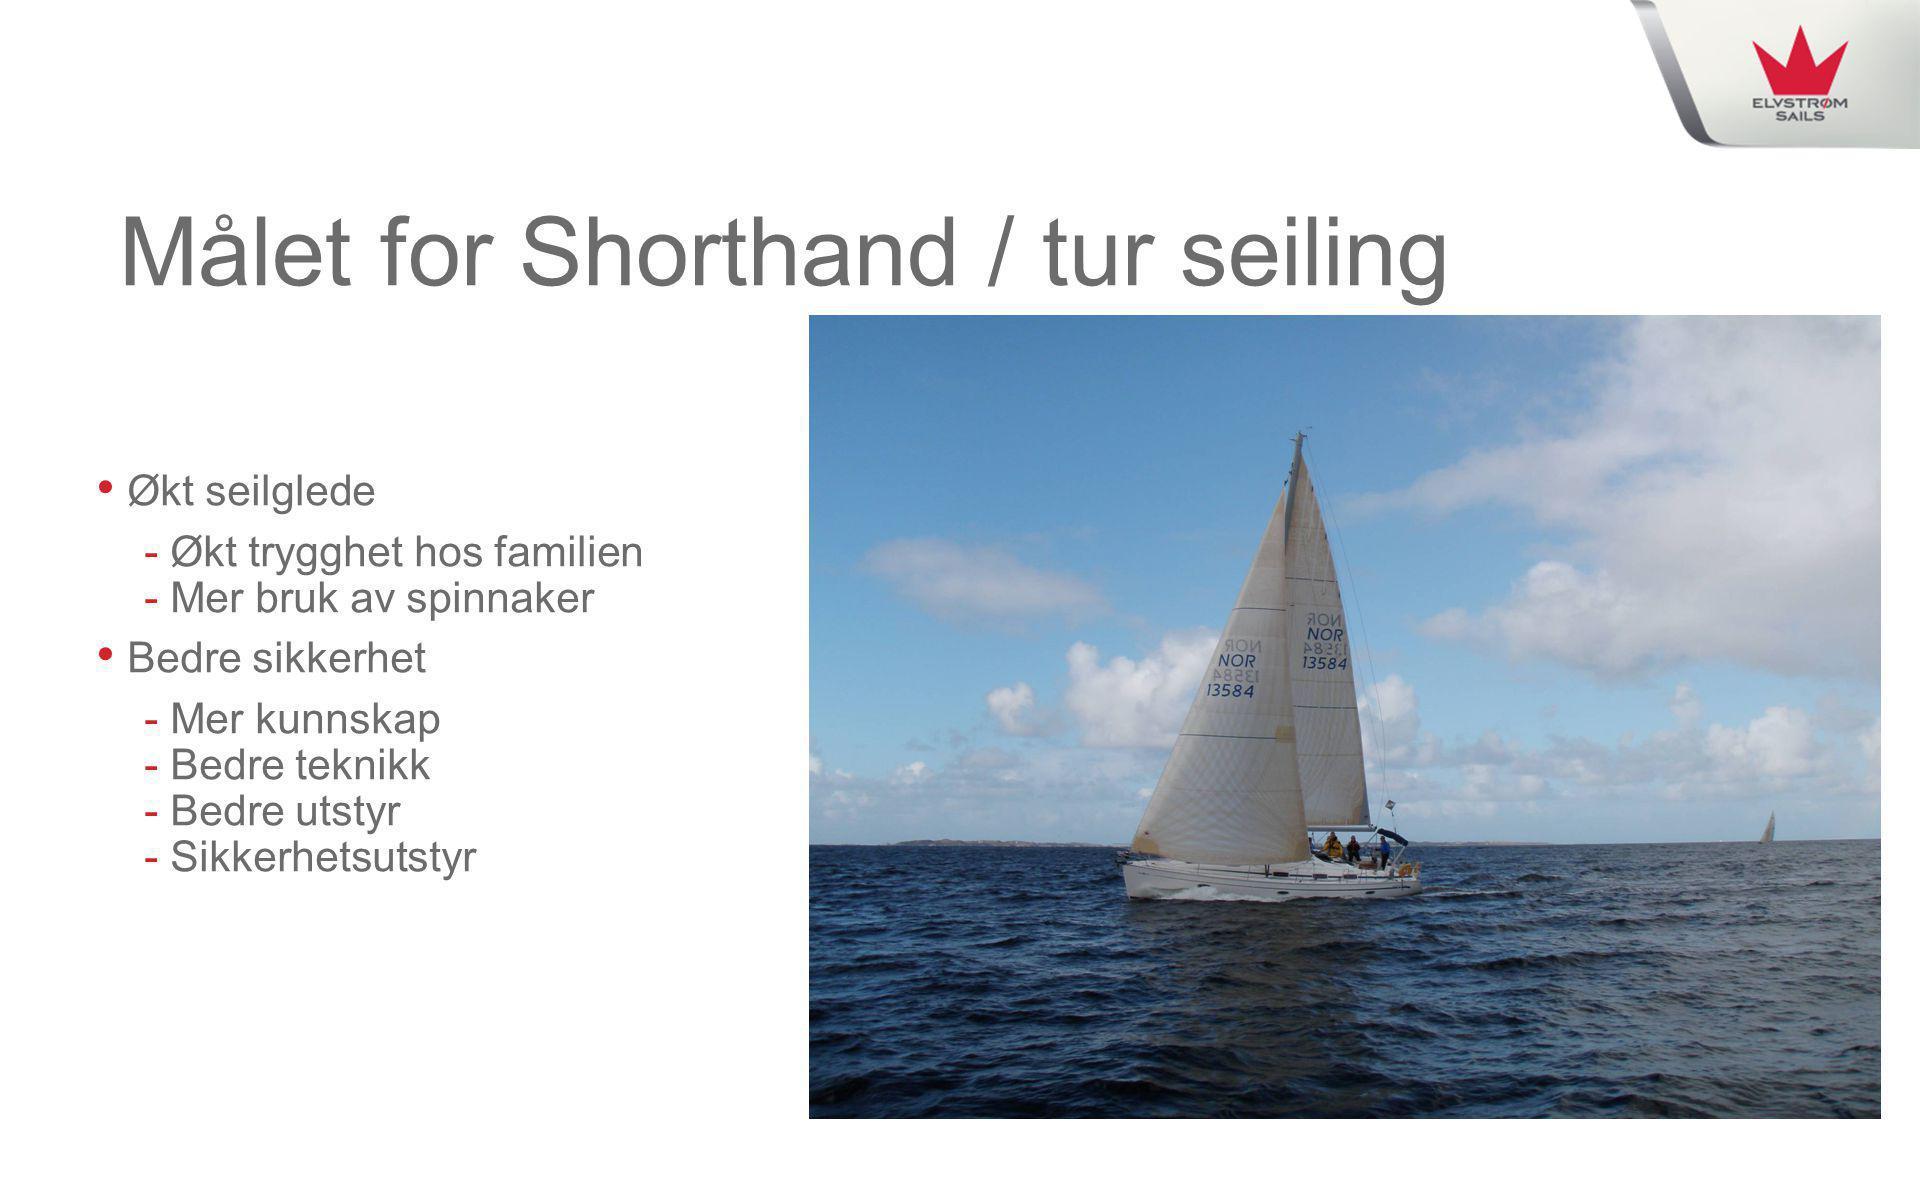 Målet for Shorthand / tur seiling